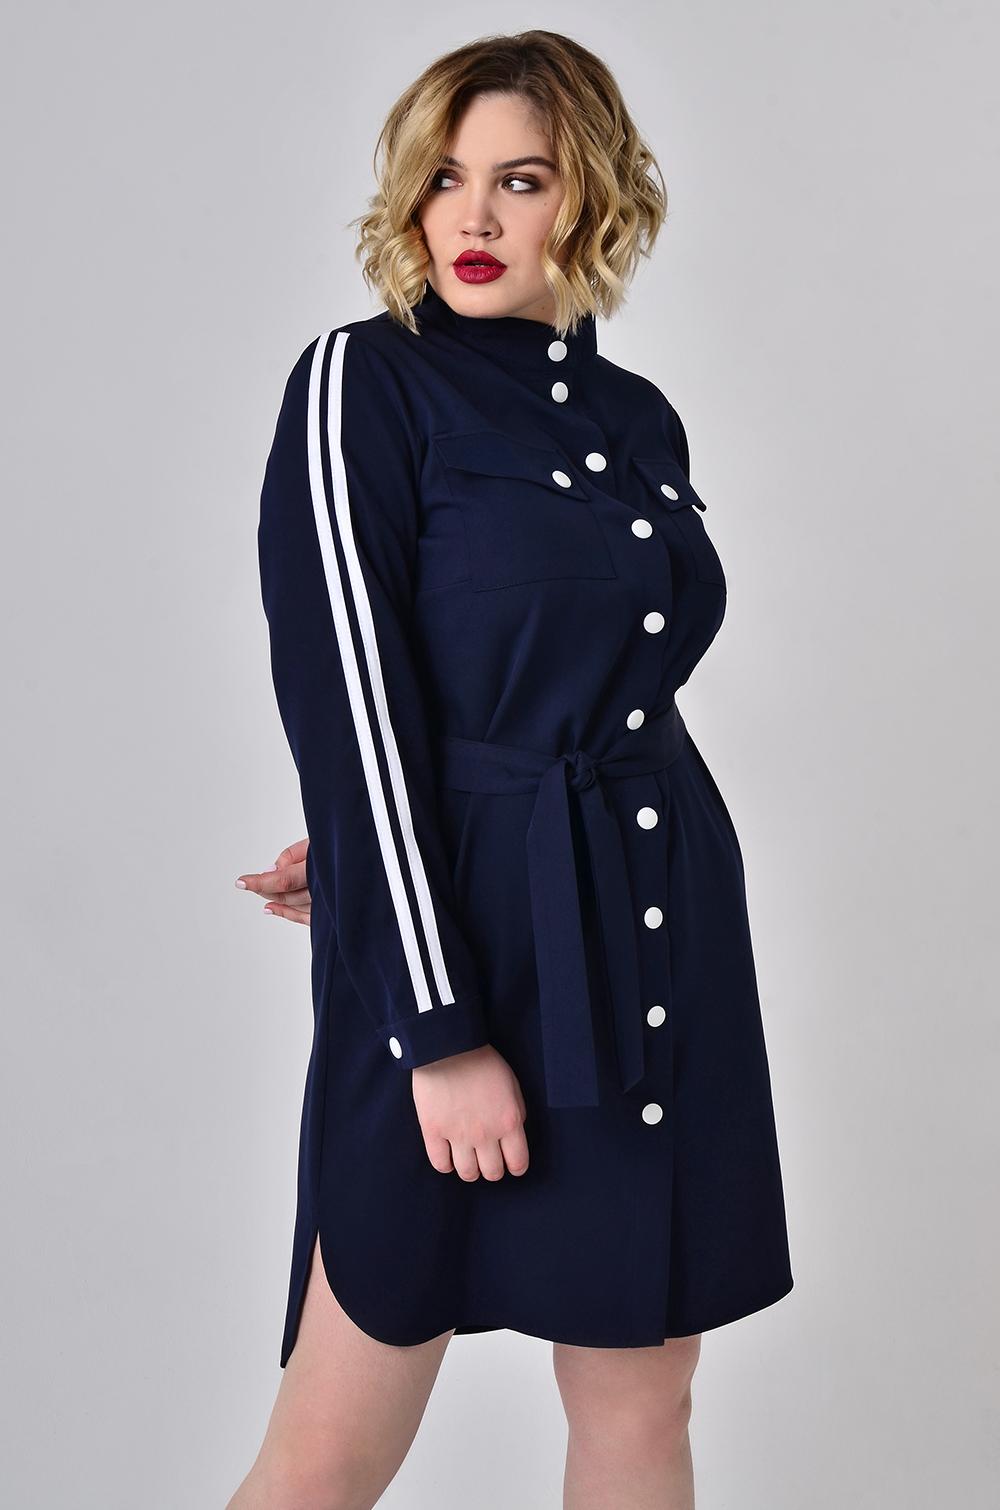 Сукня-сорочка з лампасами Синя Батал Lipar